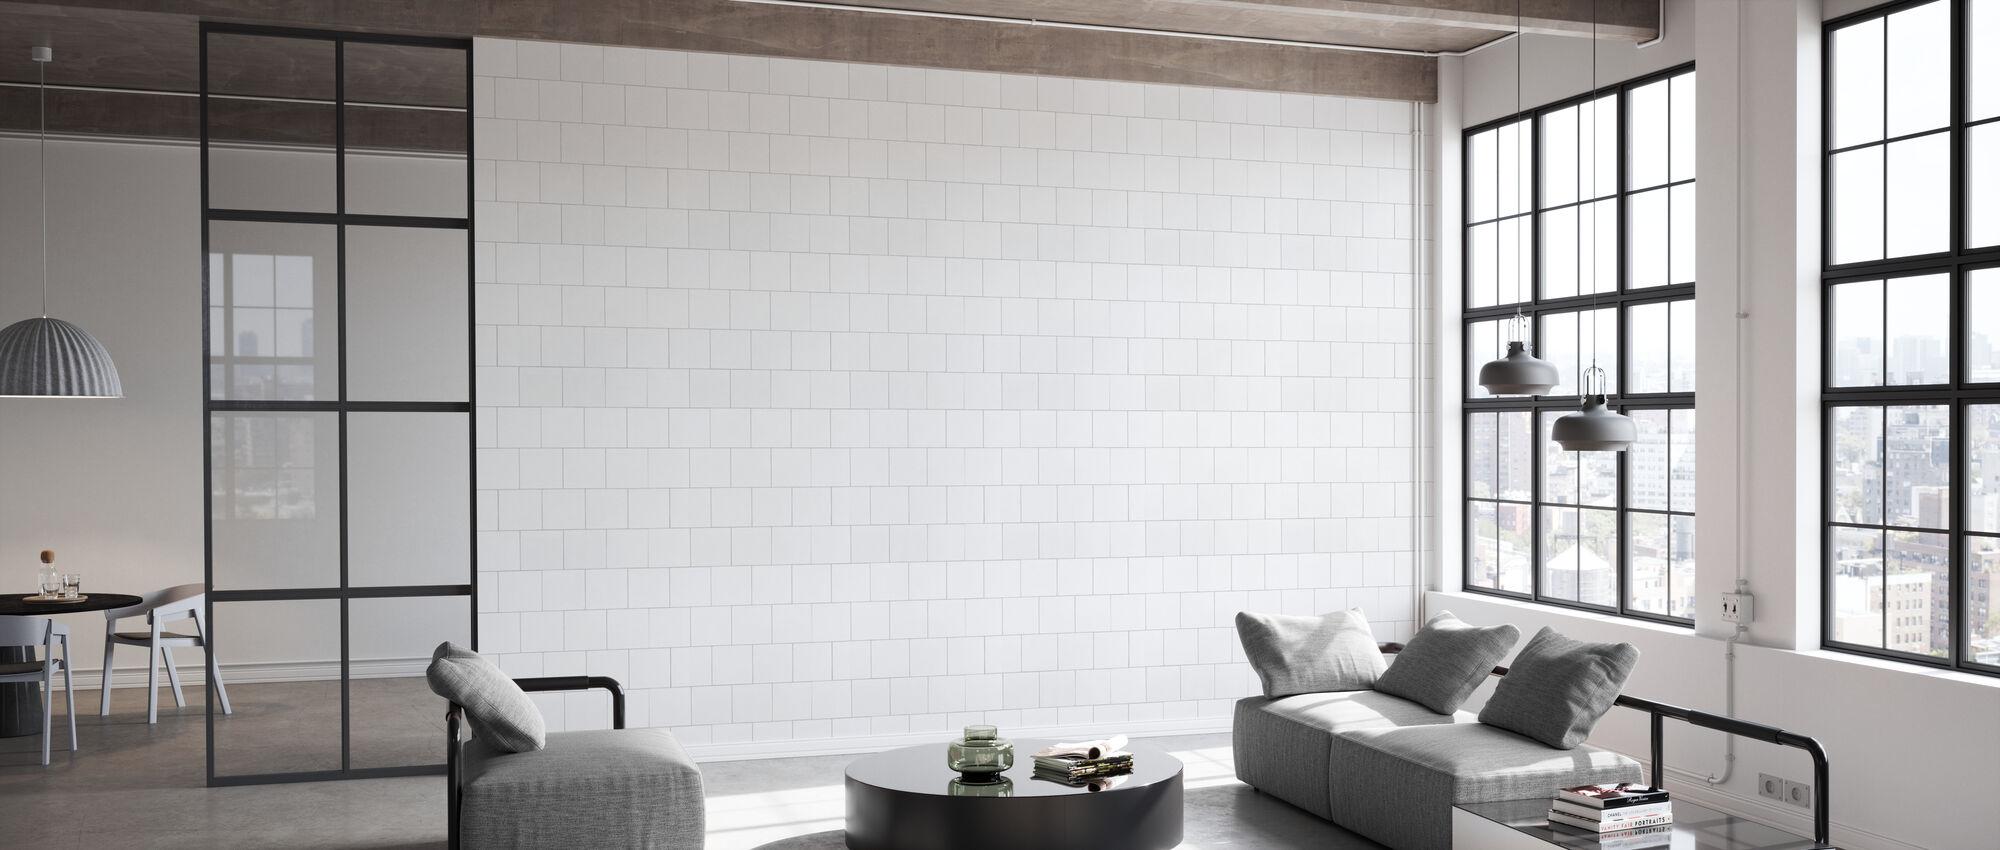 Hvite fliser 20x20 - Tapet - Kontor